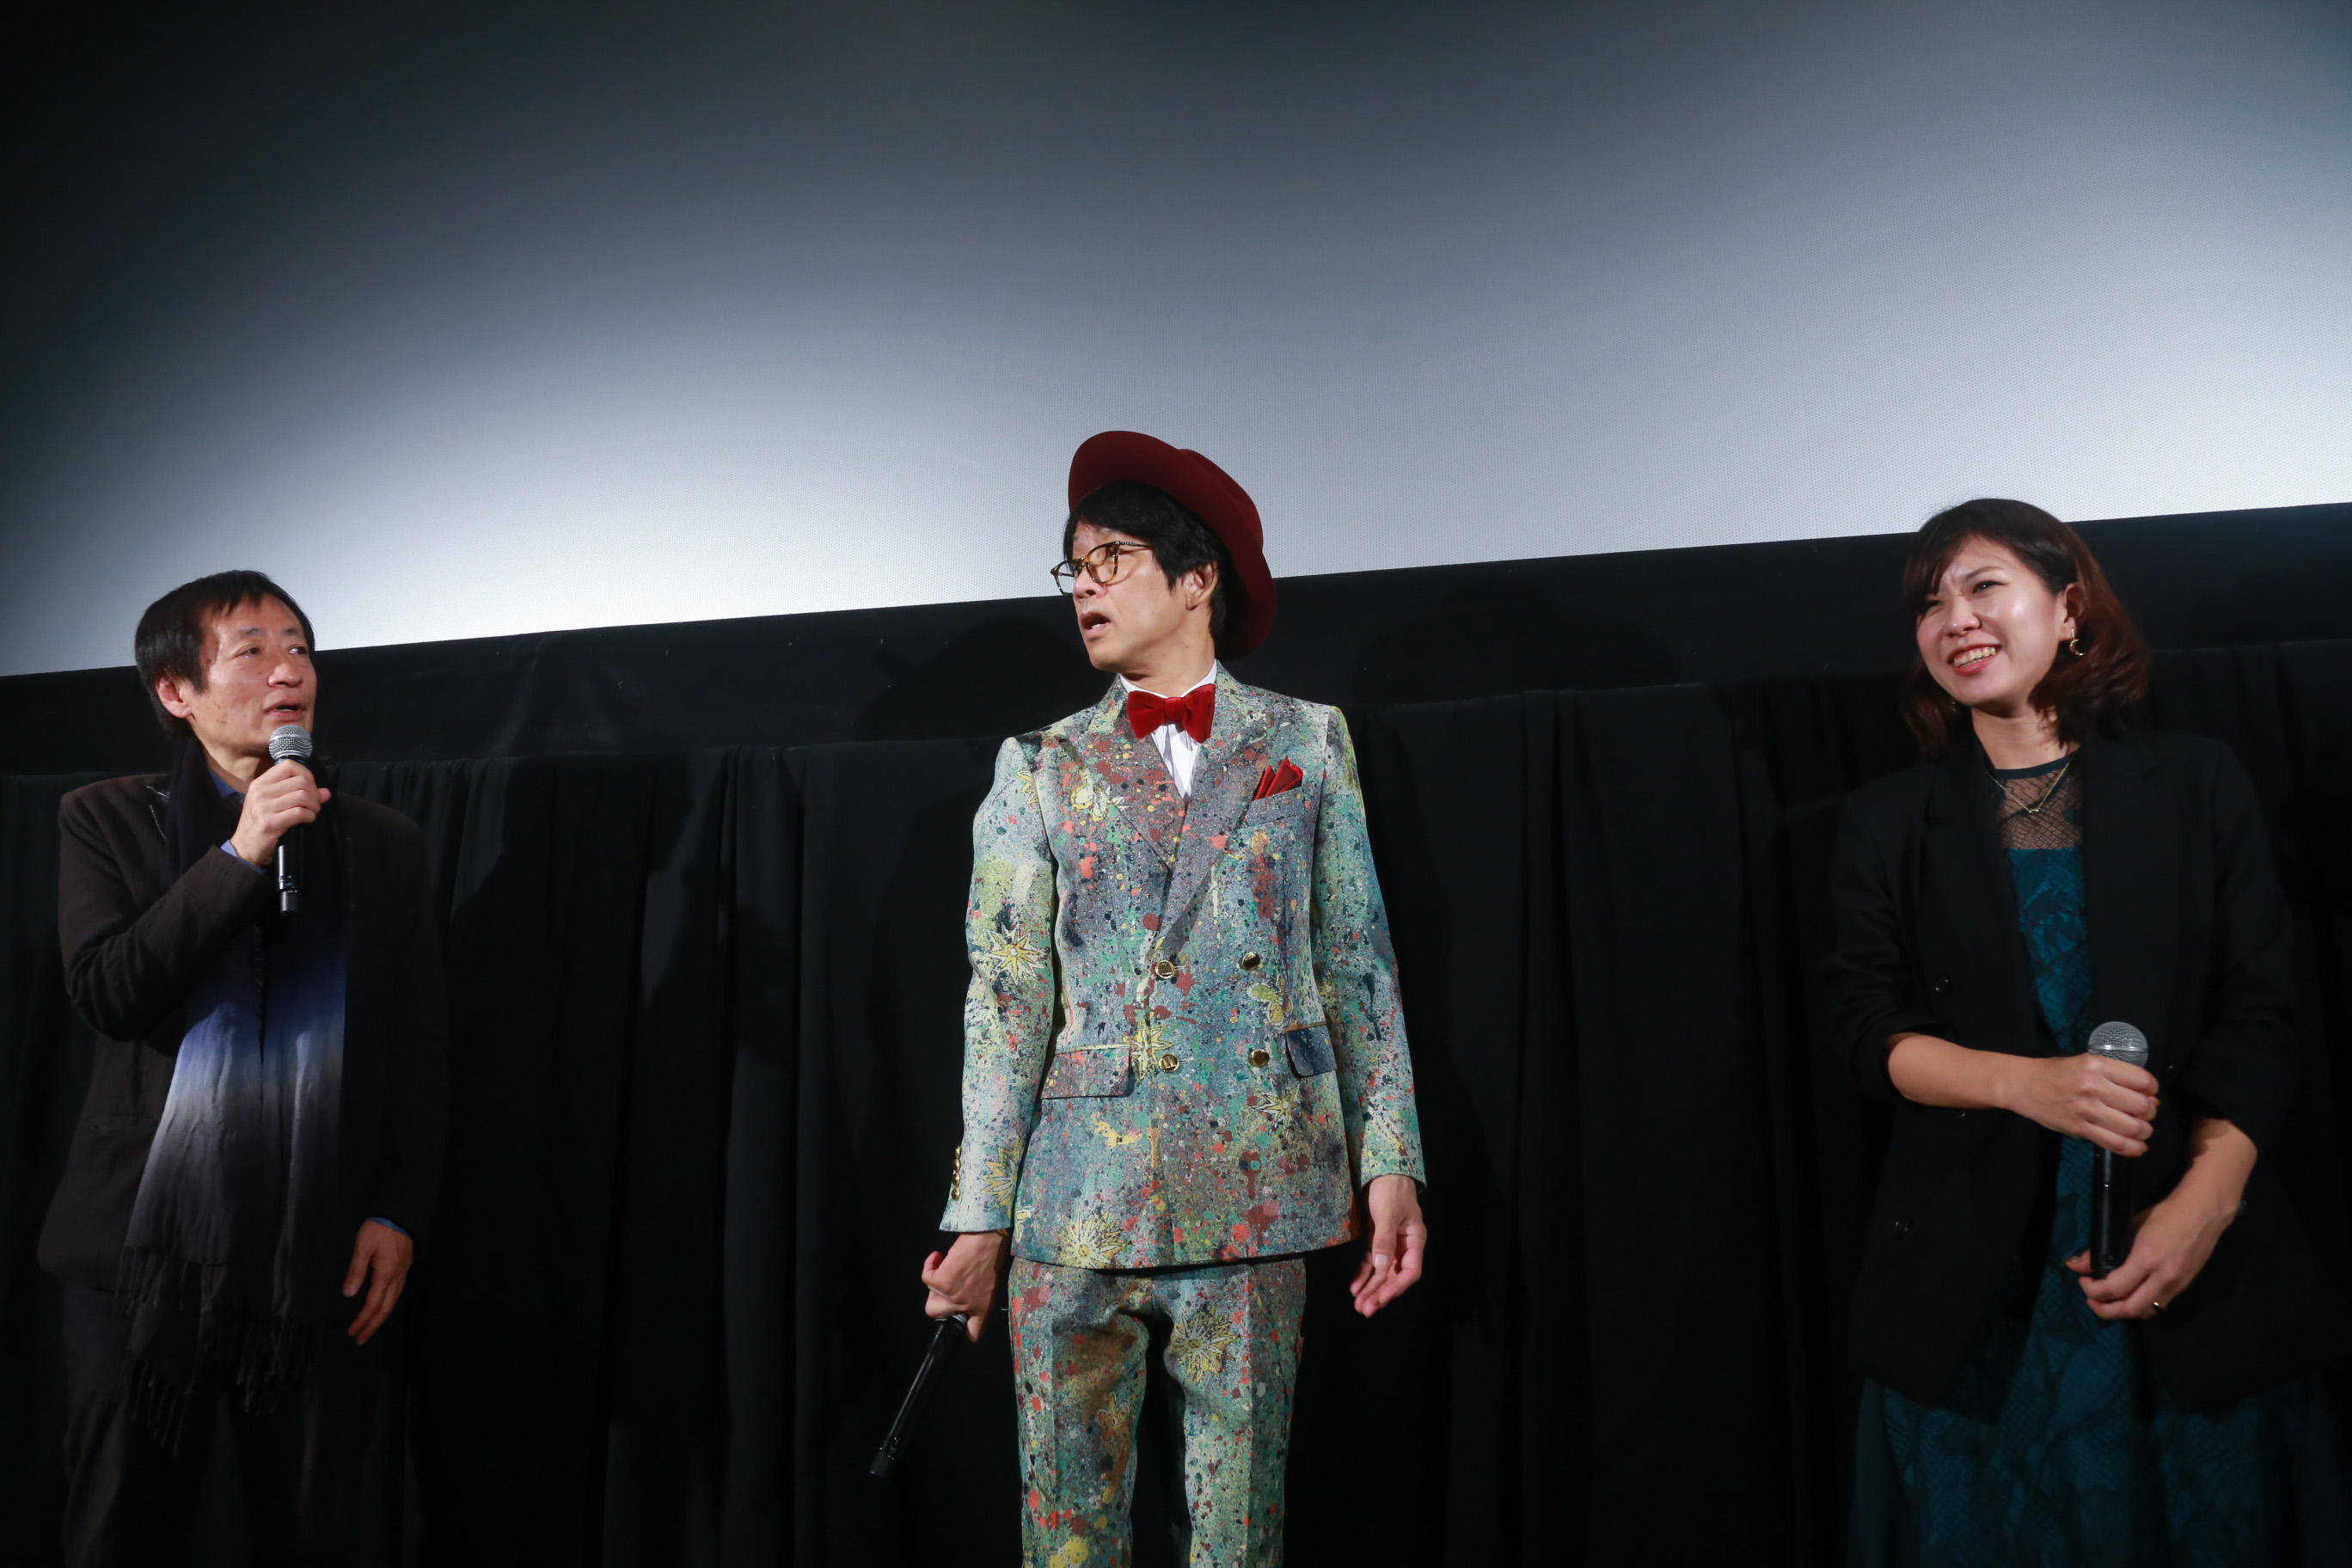 http://news.yoshimoto.co.jp/20181104141843-5a54ed85b871edc97a35fdf44a3dbc3913b99d7a.jpg